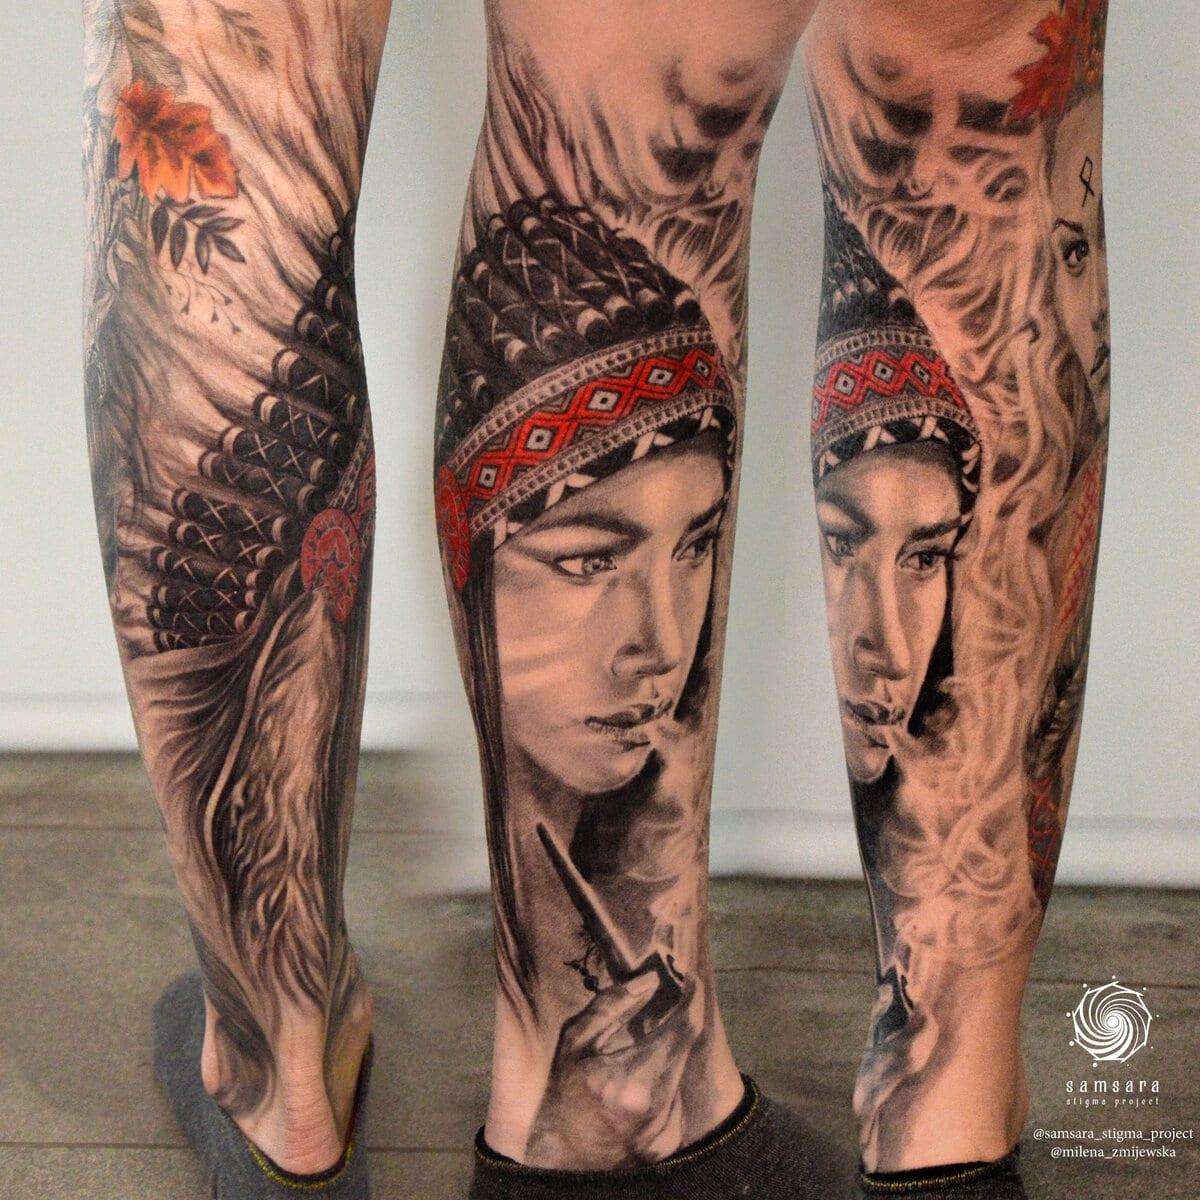 milena-zmijewska-tattoo-artist-indian-girl